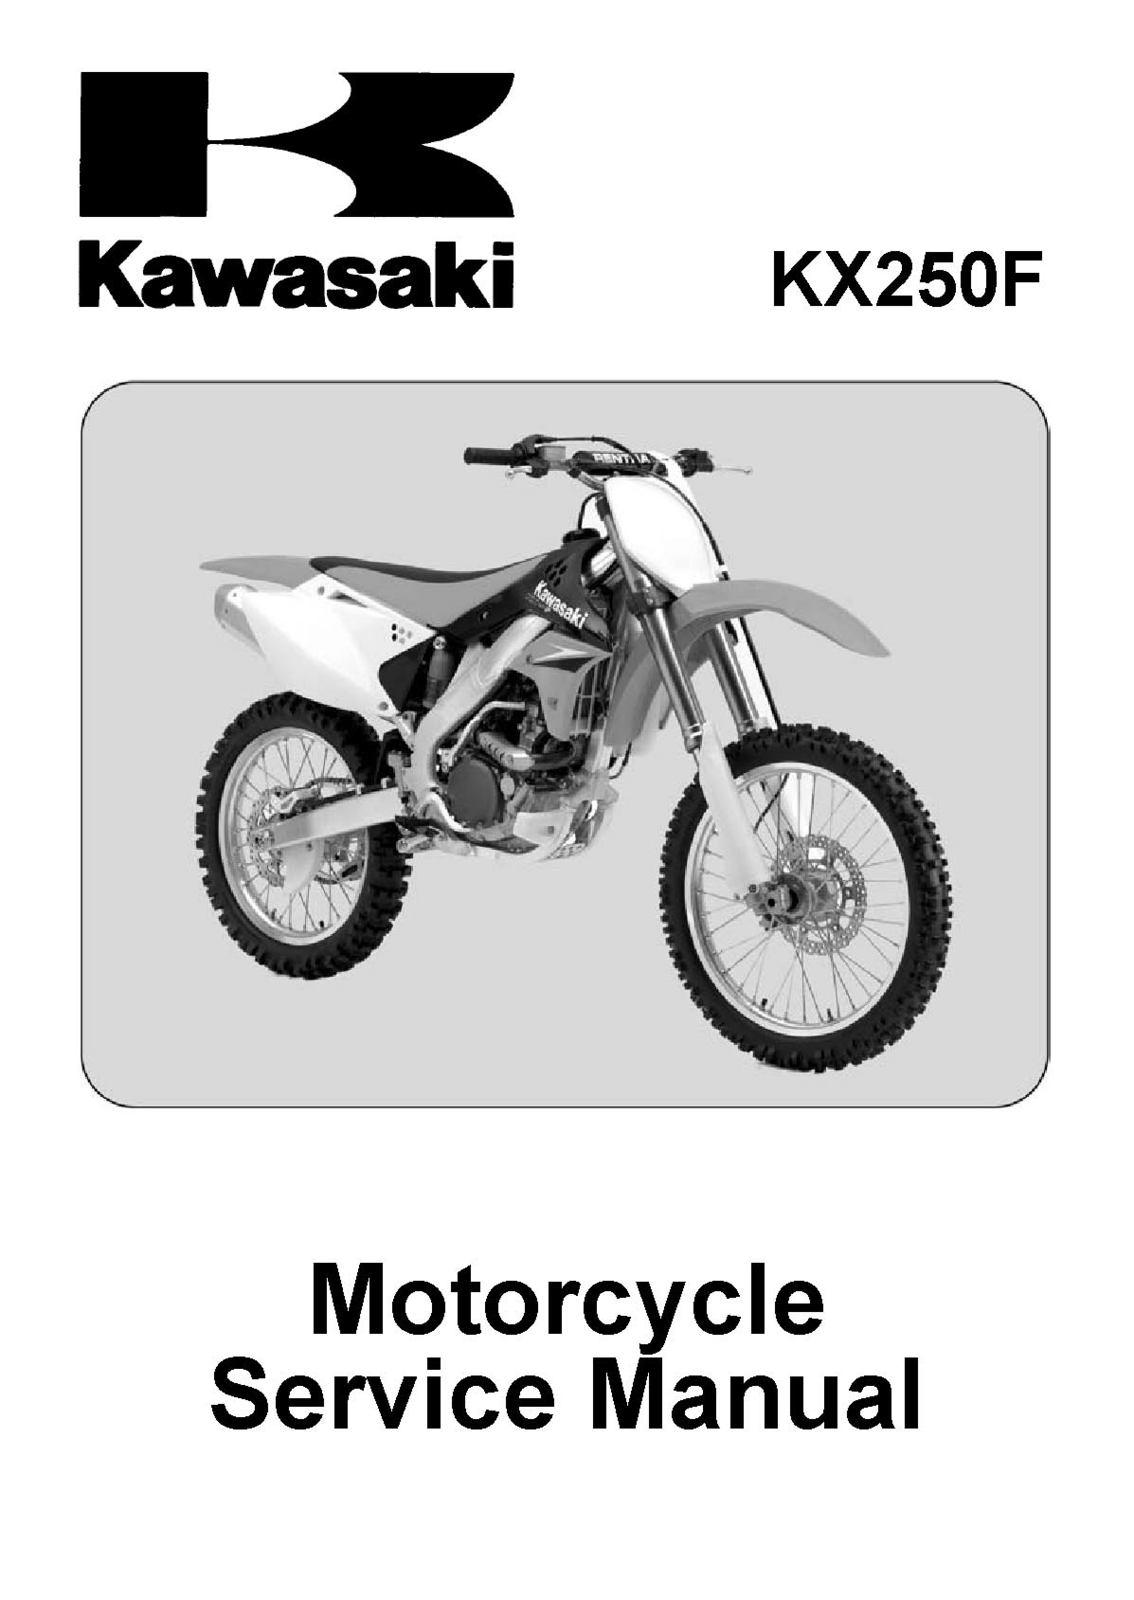 Kx250t8f 2006 2008 kx250f. Kx250t8f 2006 2008 kx250f. Kawasaki KX250F KX  250F 250 F T Shop Service Repair Manual 2006 2007 2008 ...